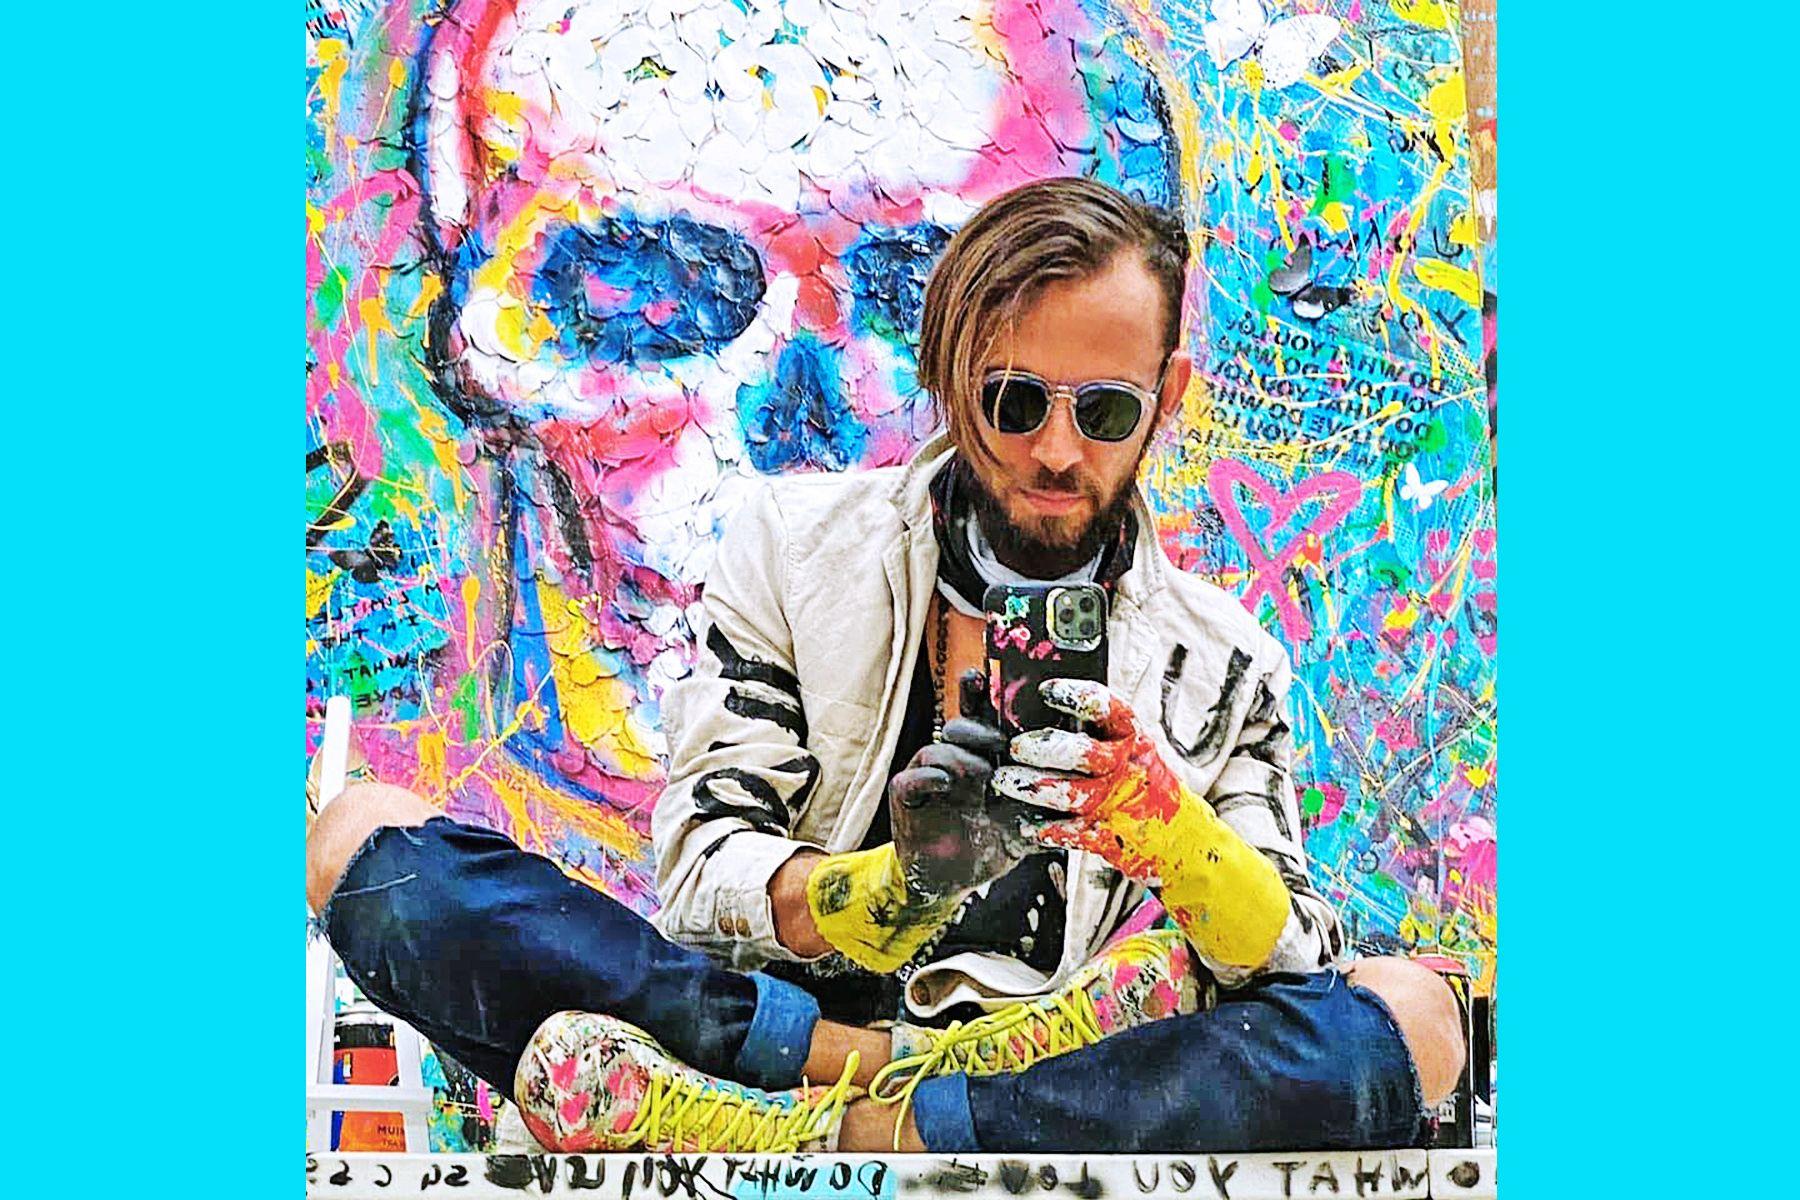 Выпускник ВГУЭС, известный художник и основатель бренда DWYL из Майами Сергей Гордиенко: университет сильно повлиял на то, кто я и где я сейчас